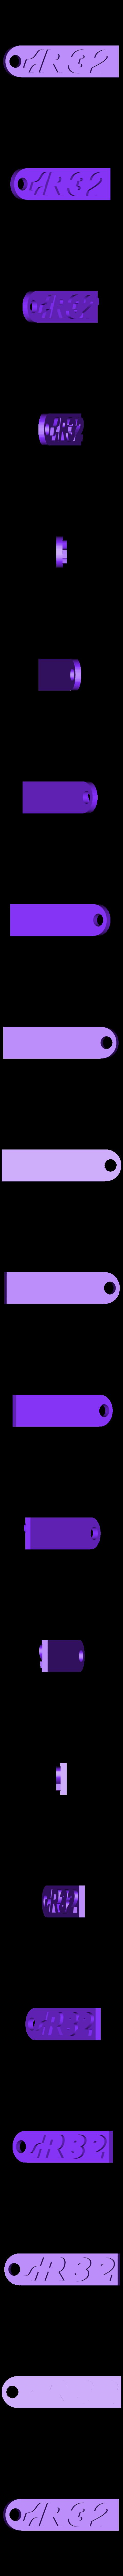 Surprising_Duup_1.stl Télécharger fichier STL gratuit Porte-clés R32 • Objet pour impression 3D, 3DPrintingGurus